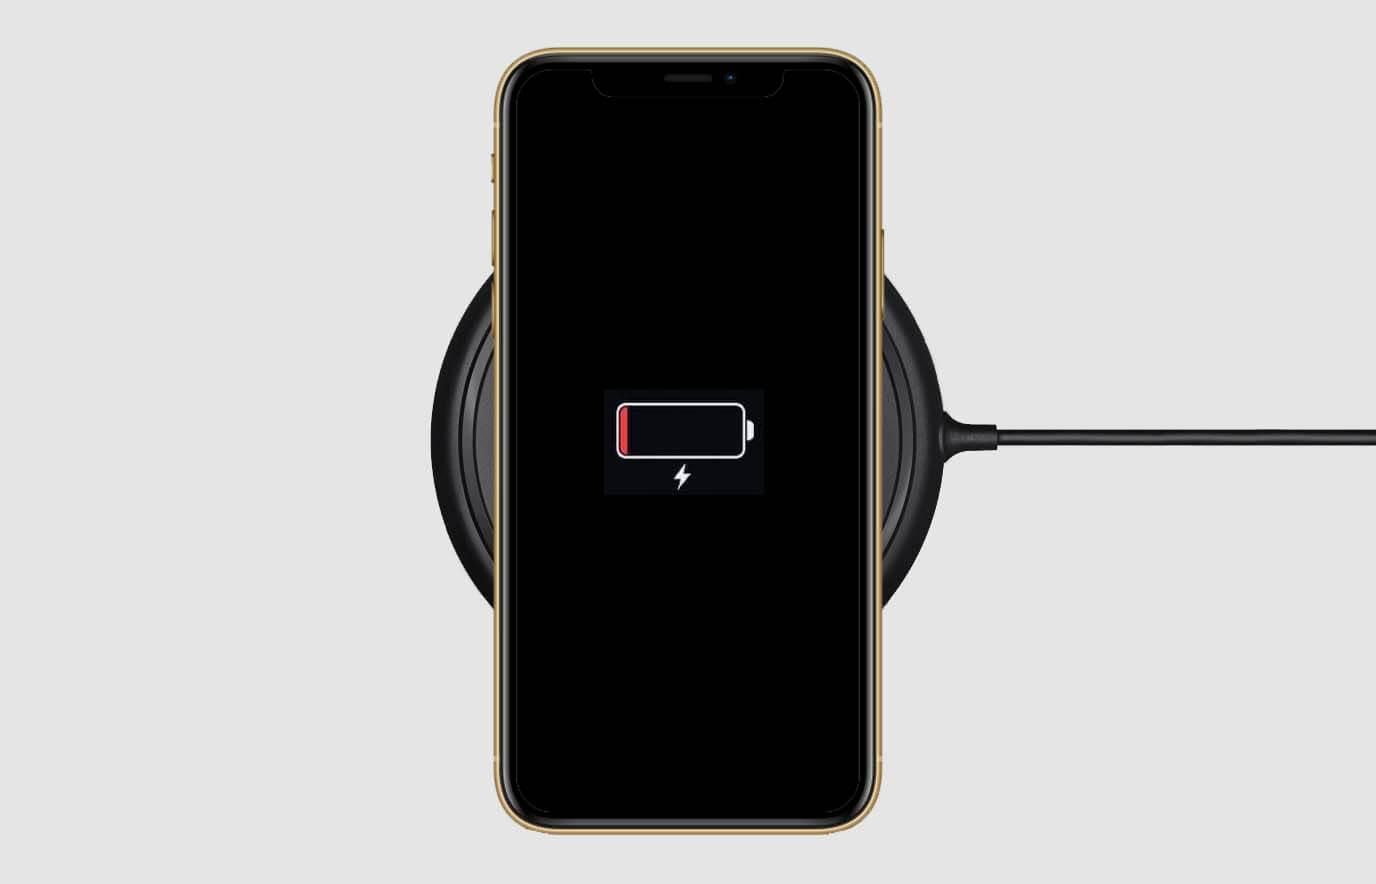 iPhone 11 draadloos opladen werkt niet